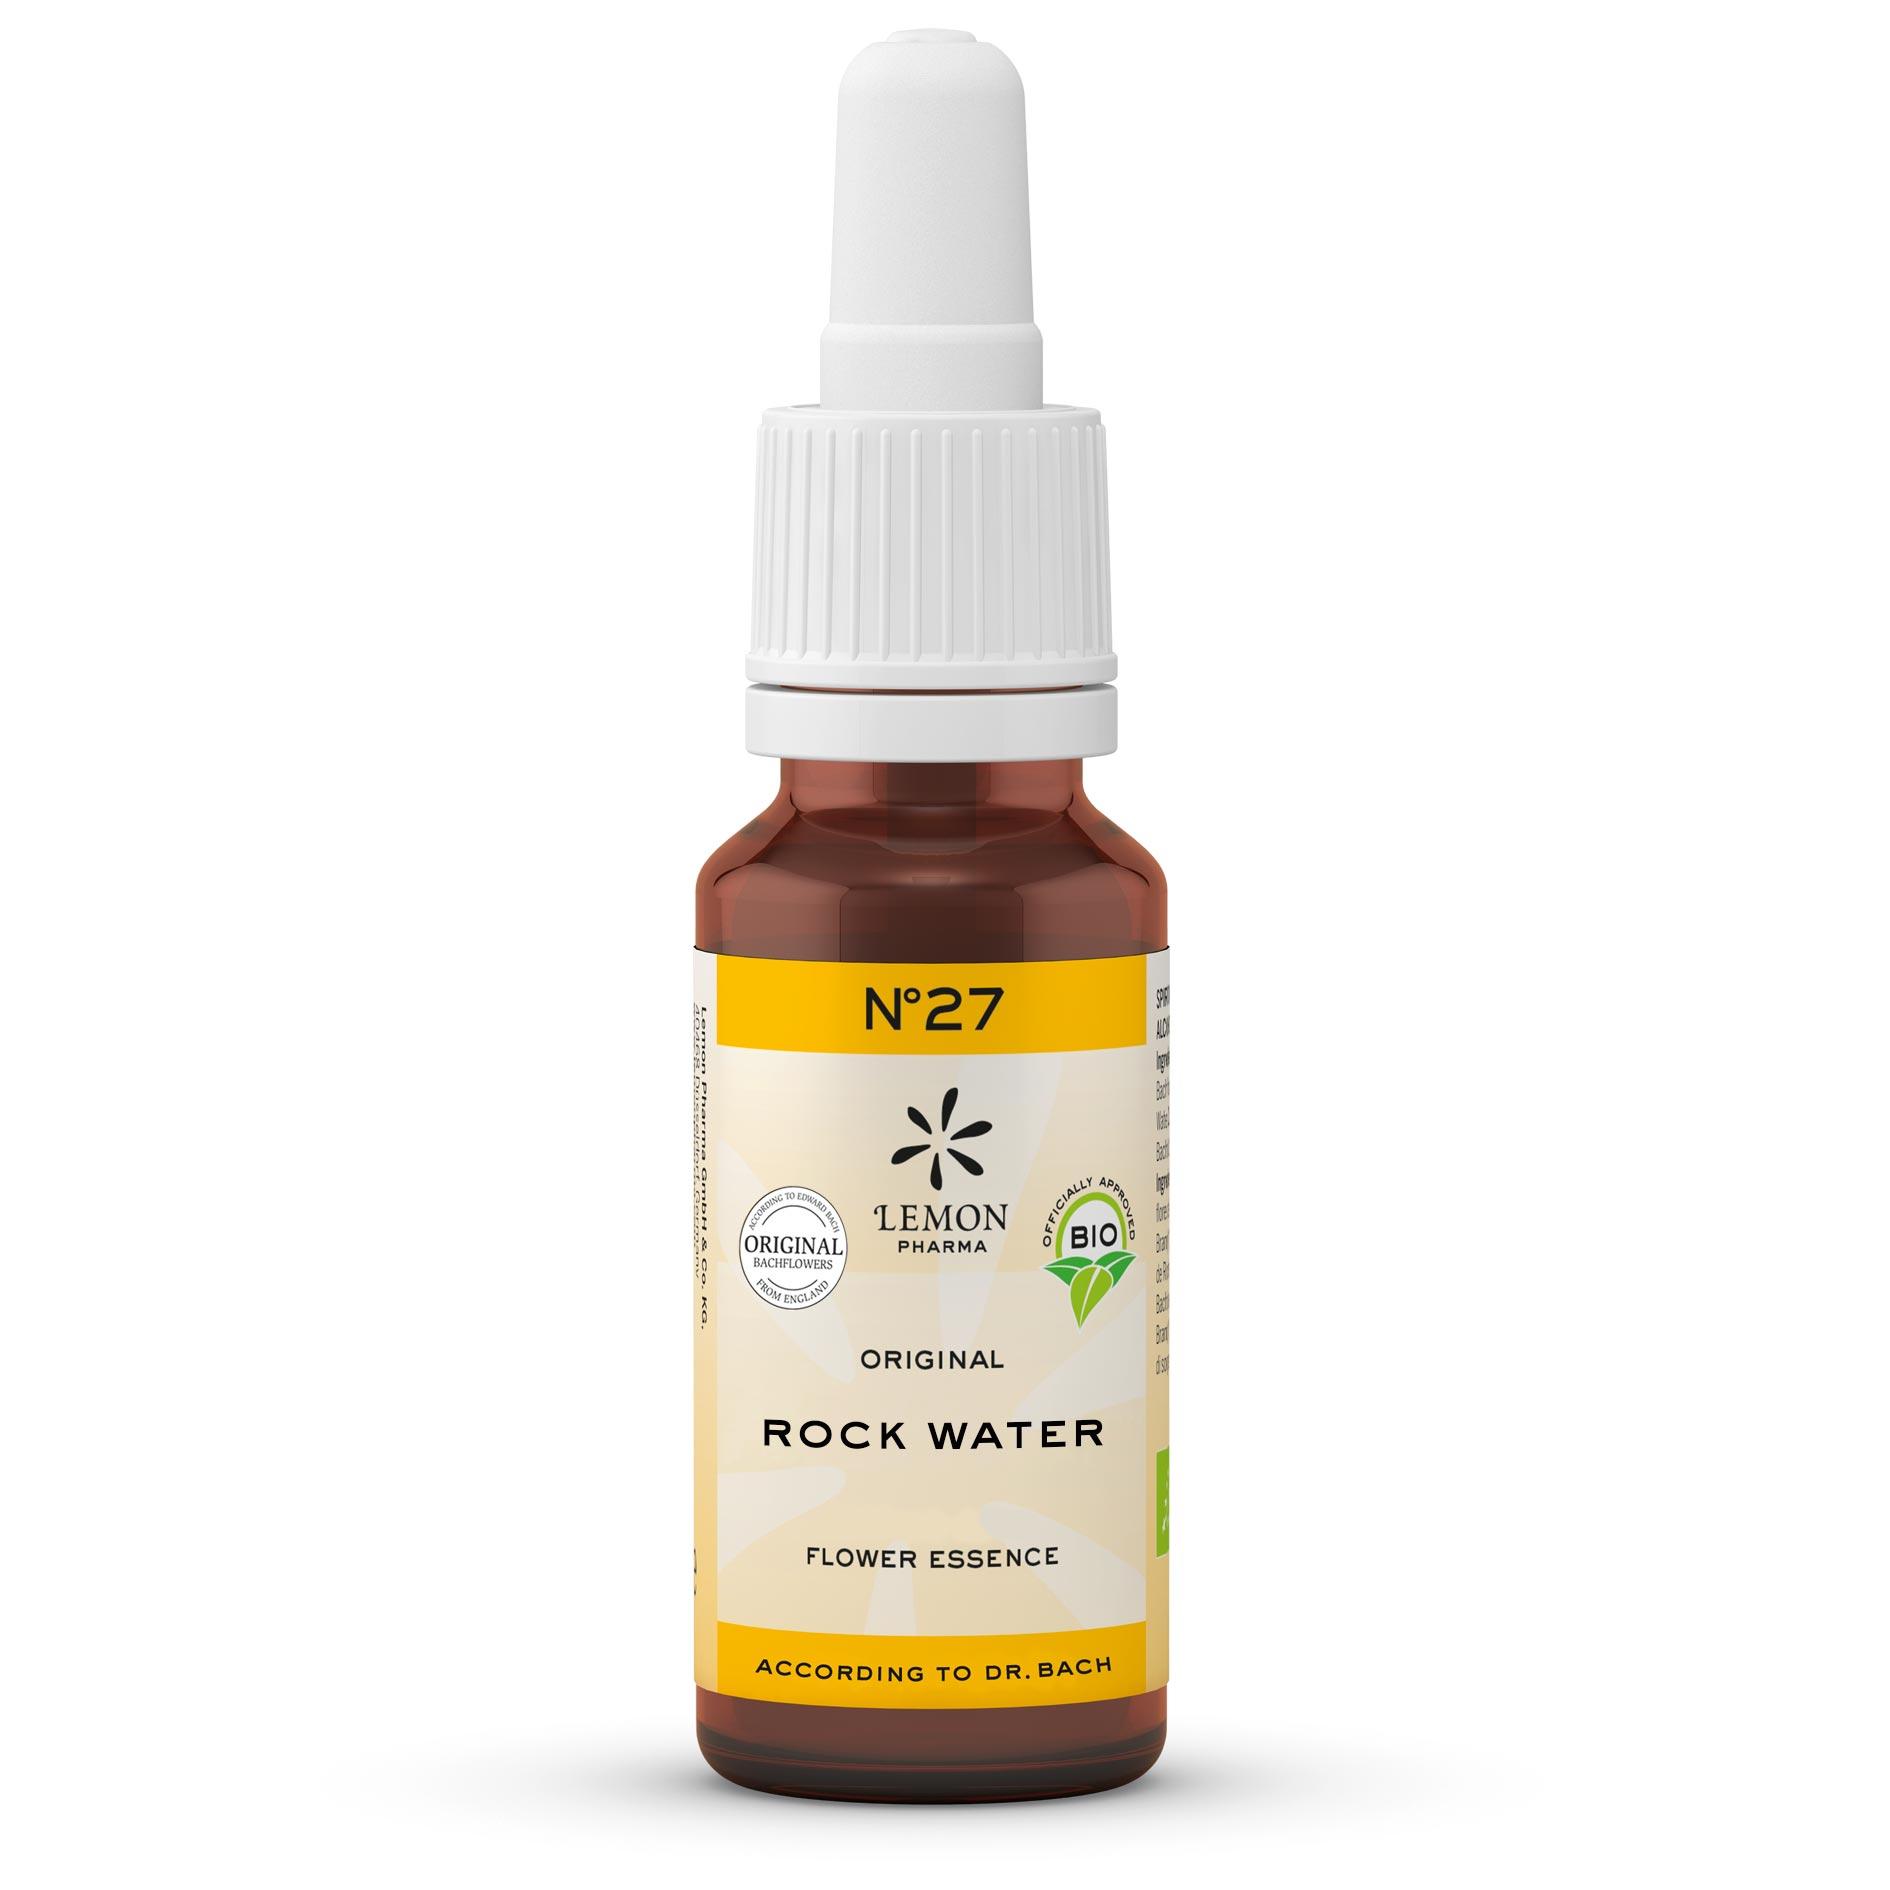 Lemon Pharma Original Bachblüten Tropfen Nr 27 Rock Water Heilkräftiges Quellwasser Leichtigkeit